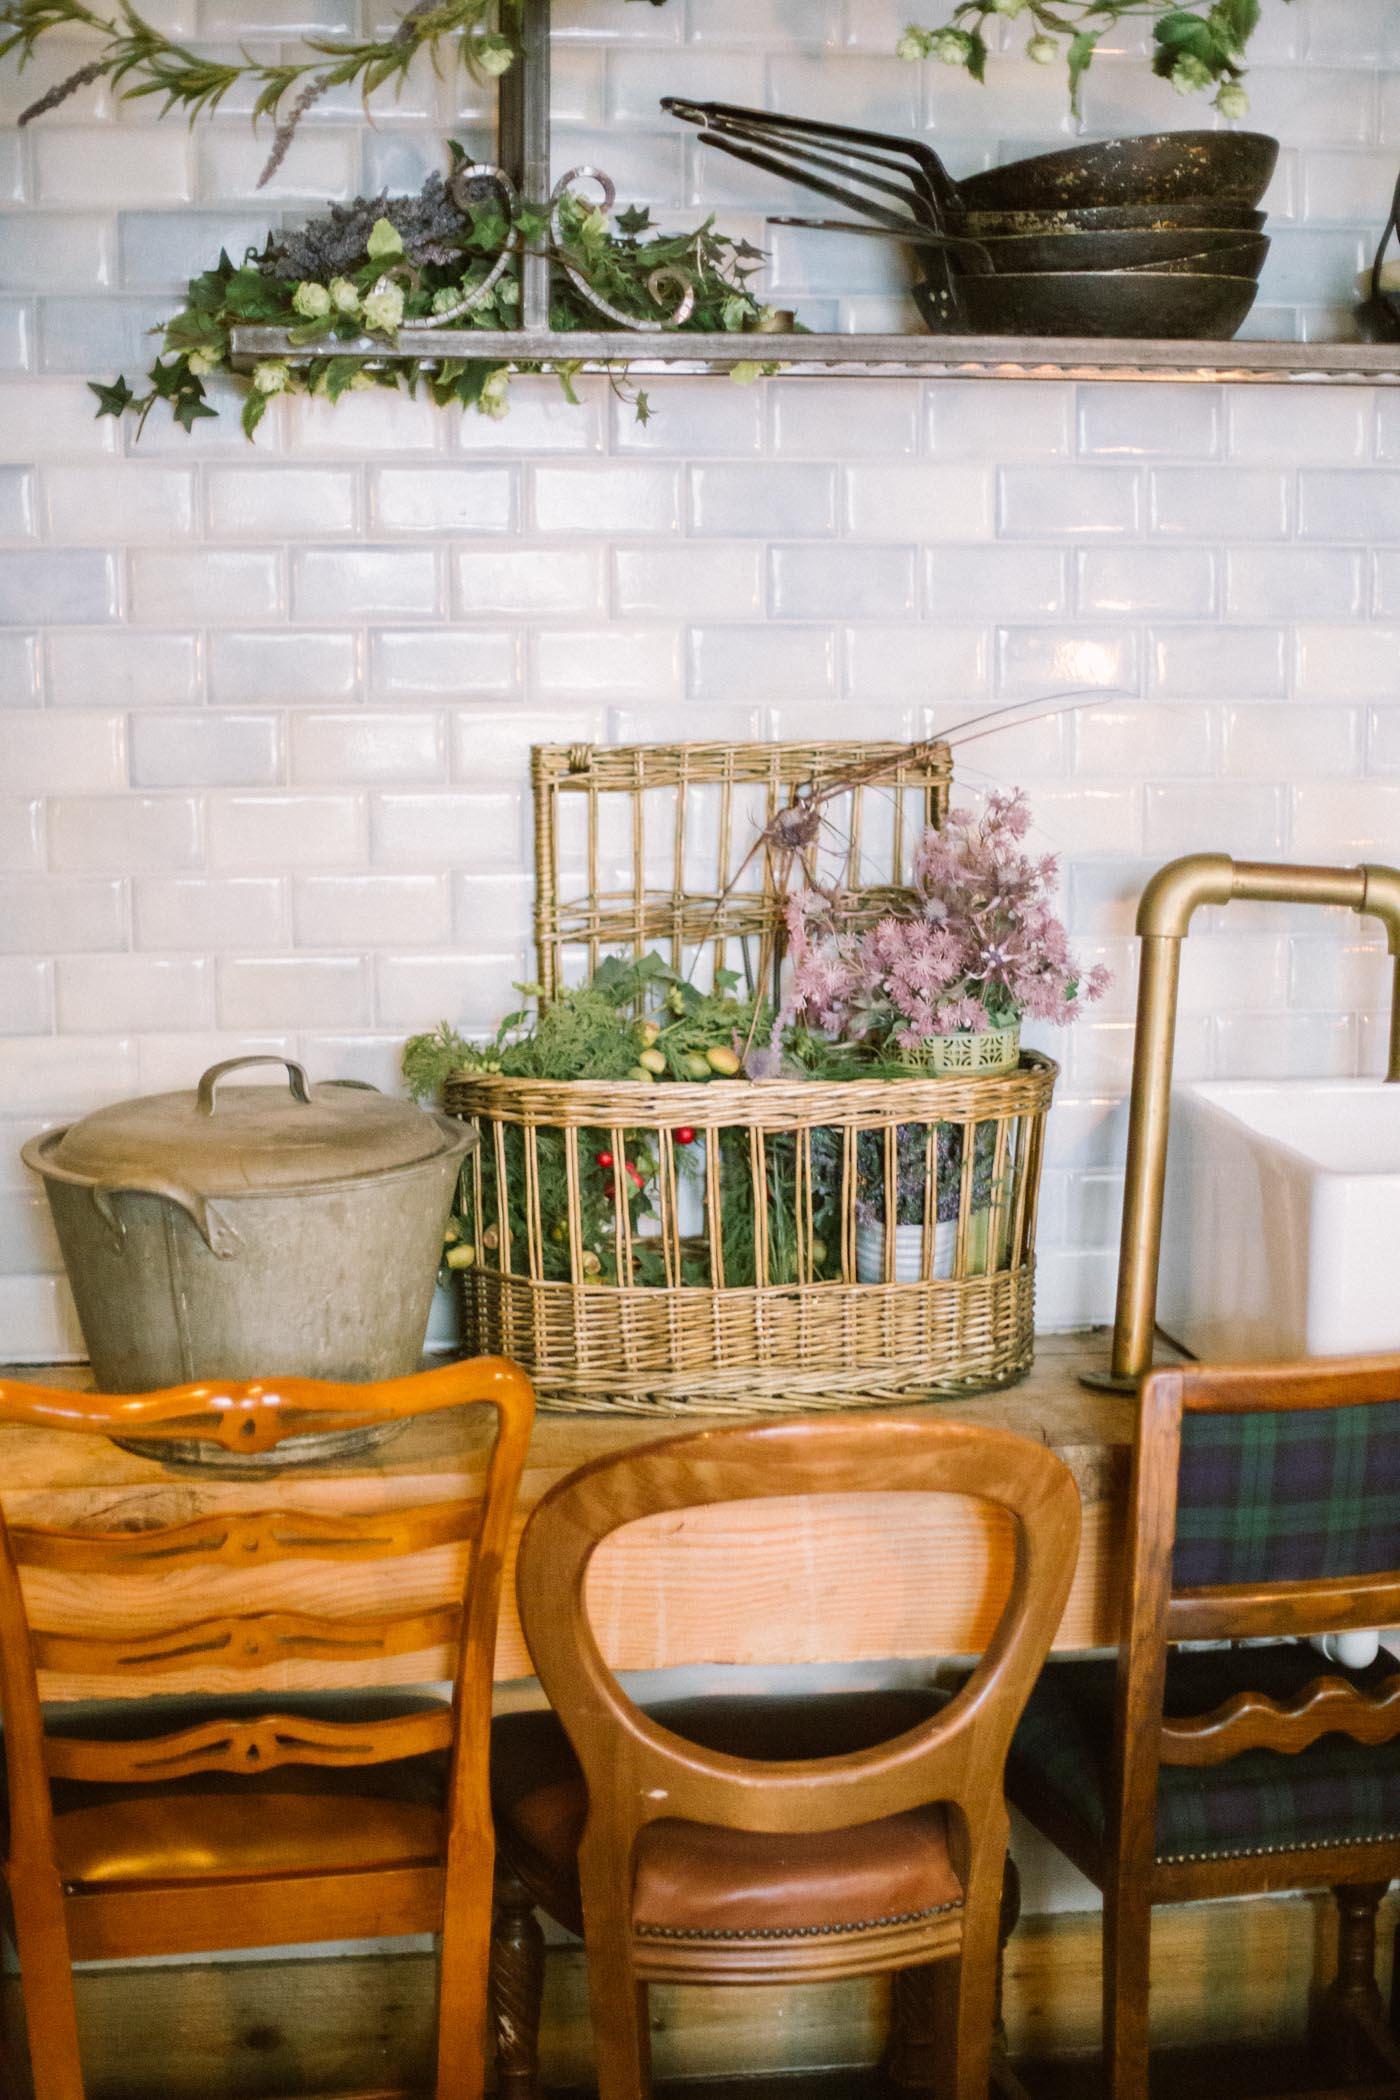 Bothy Glasgow | Rustic intimate wedding venue interior